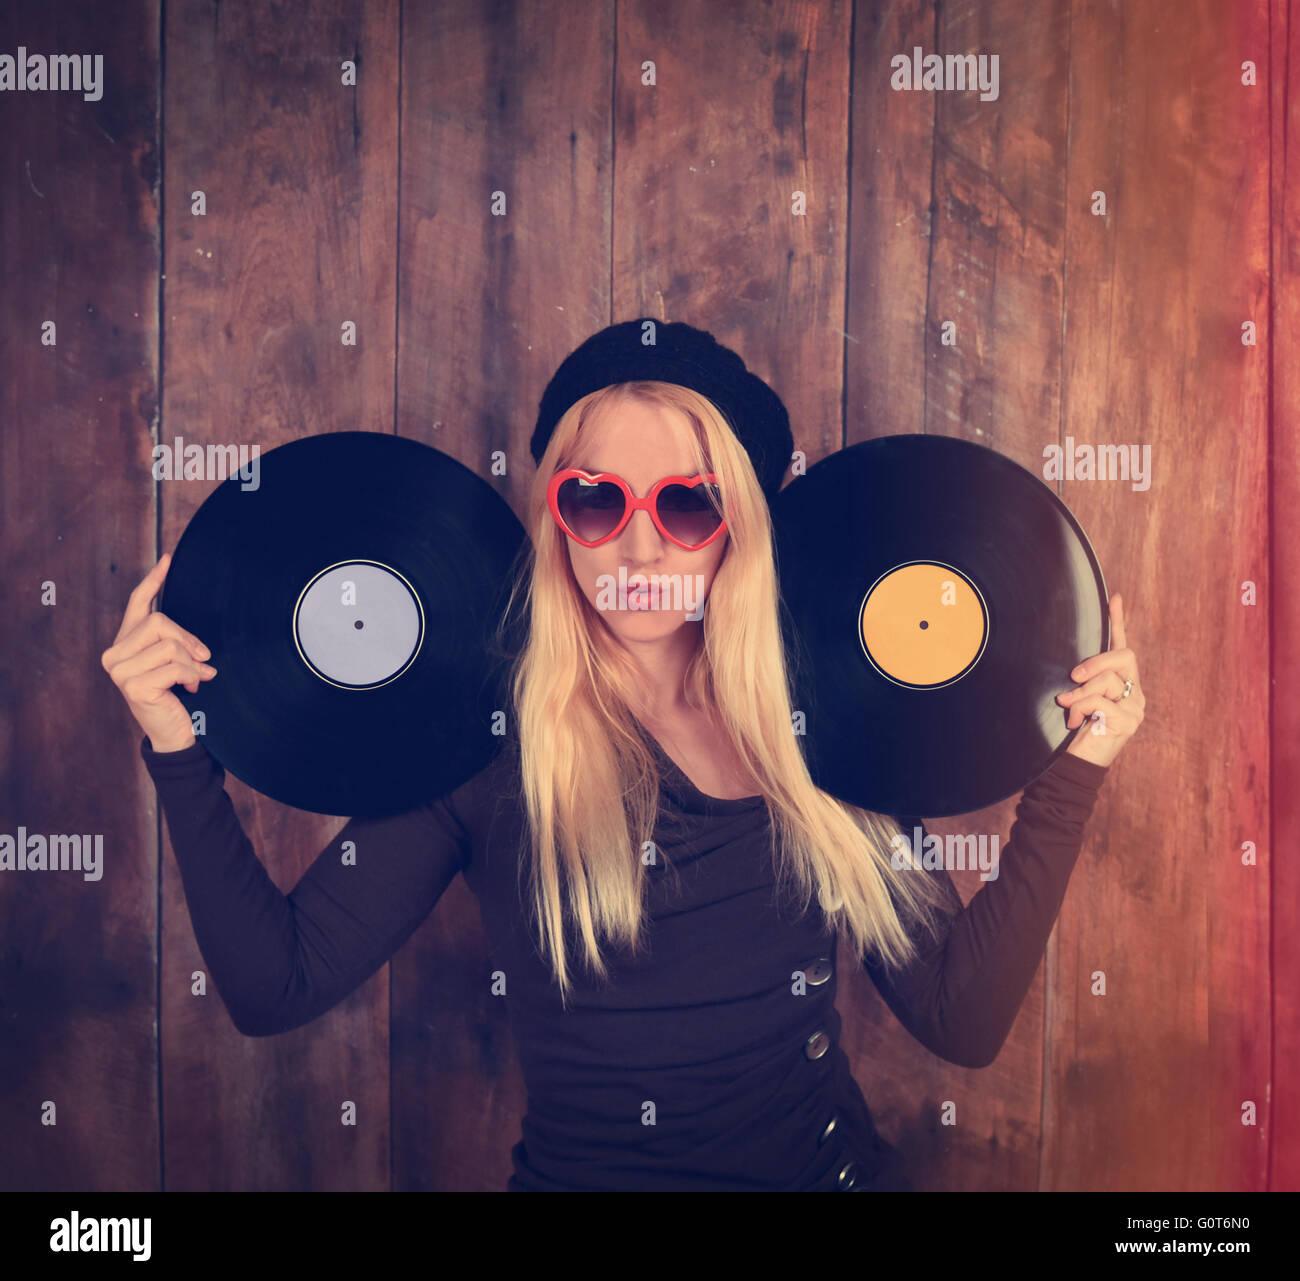 Une blonde avec des lunettes fille hipster organise deux vintage vinyl record pour un divertissement de musique Photo Stock